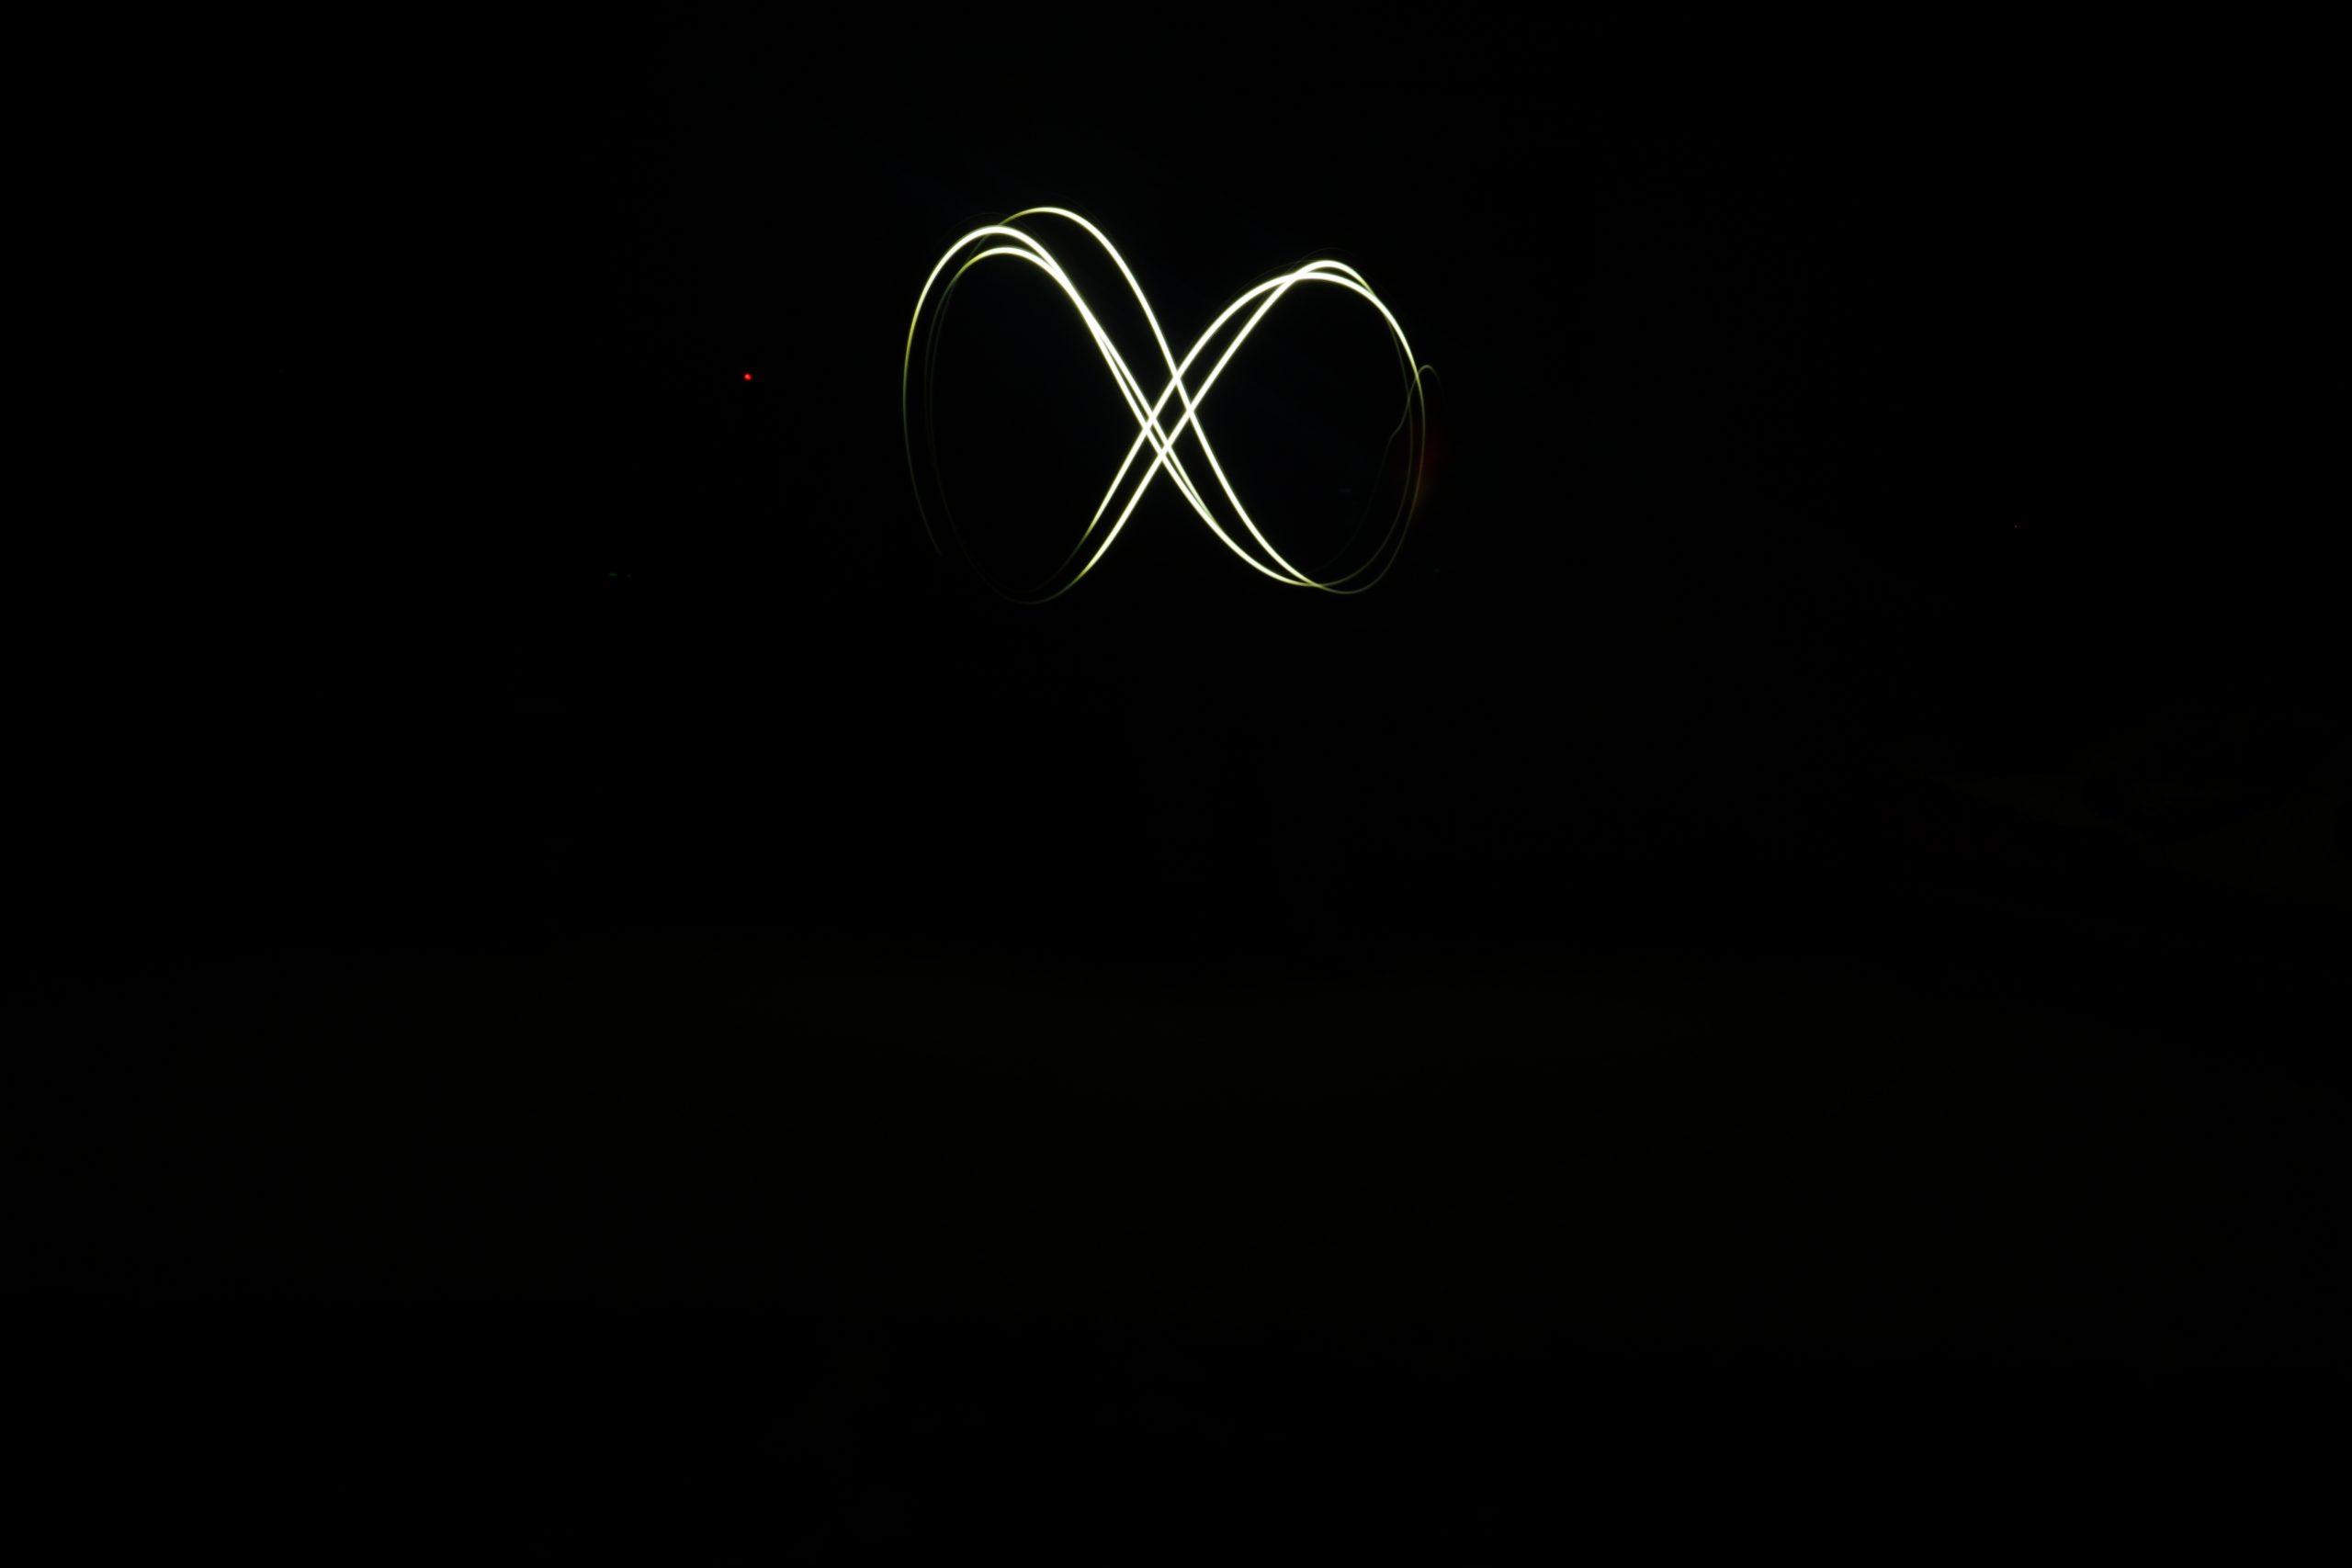 An infinity loop